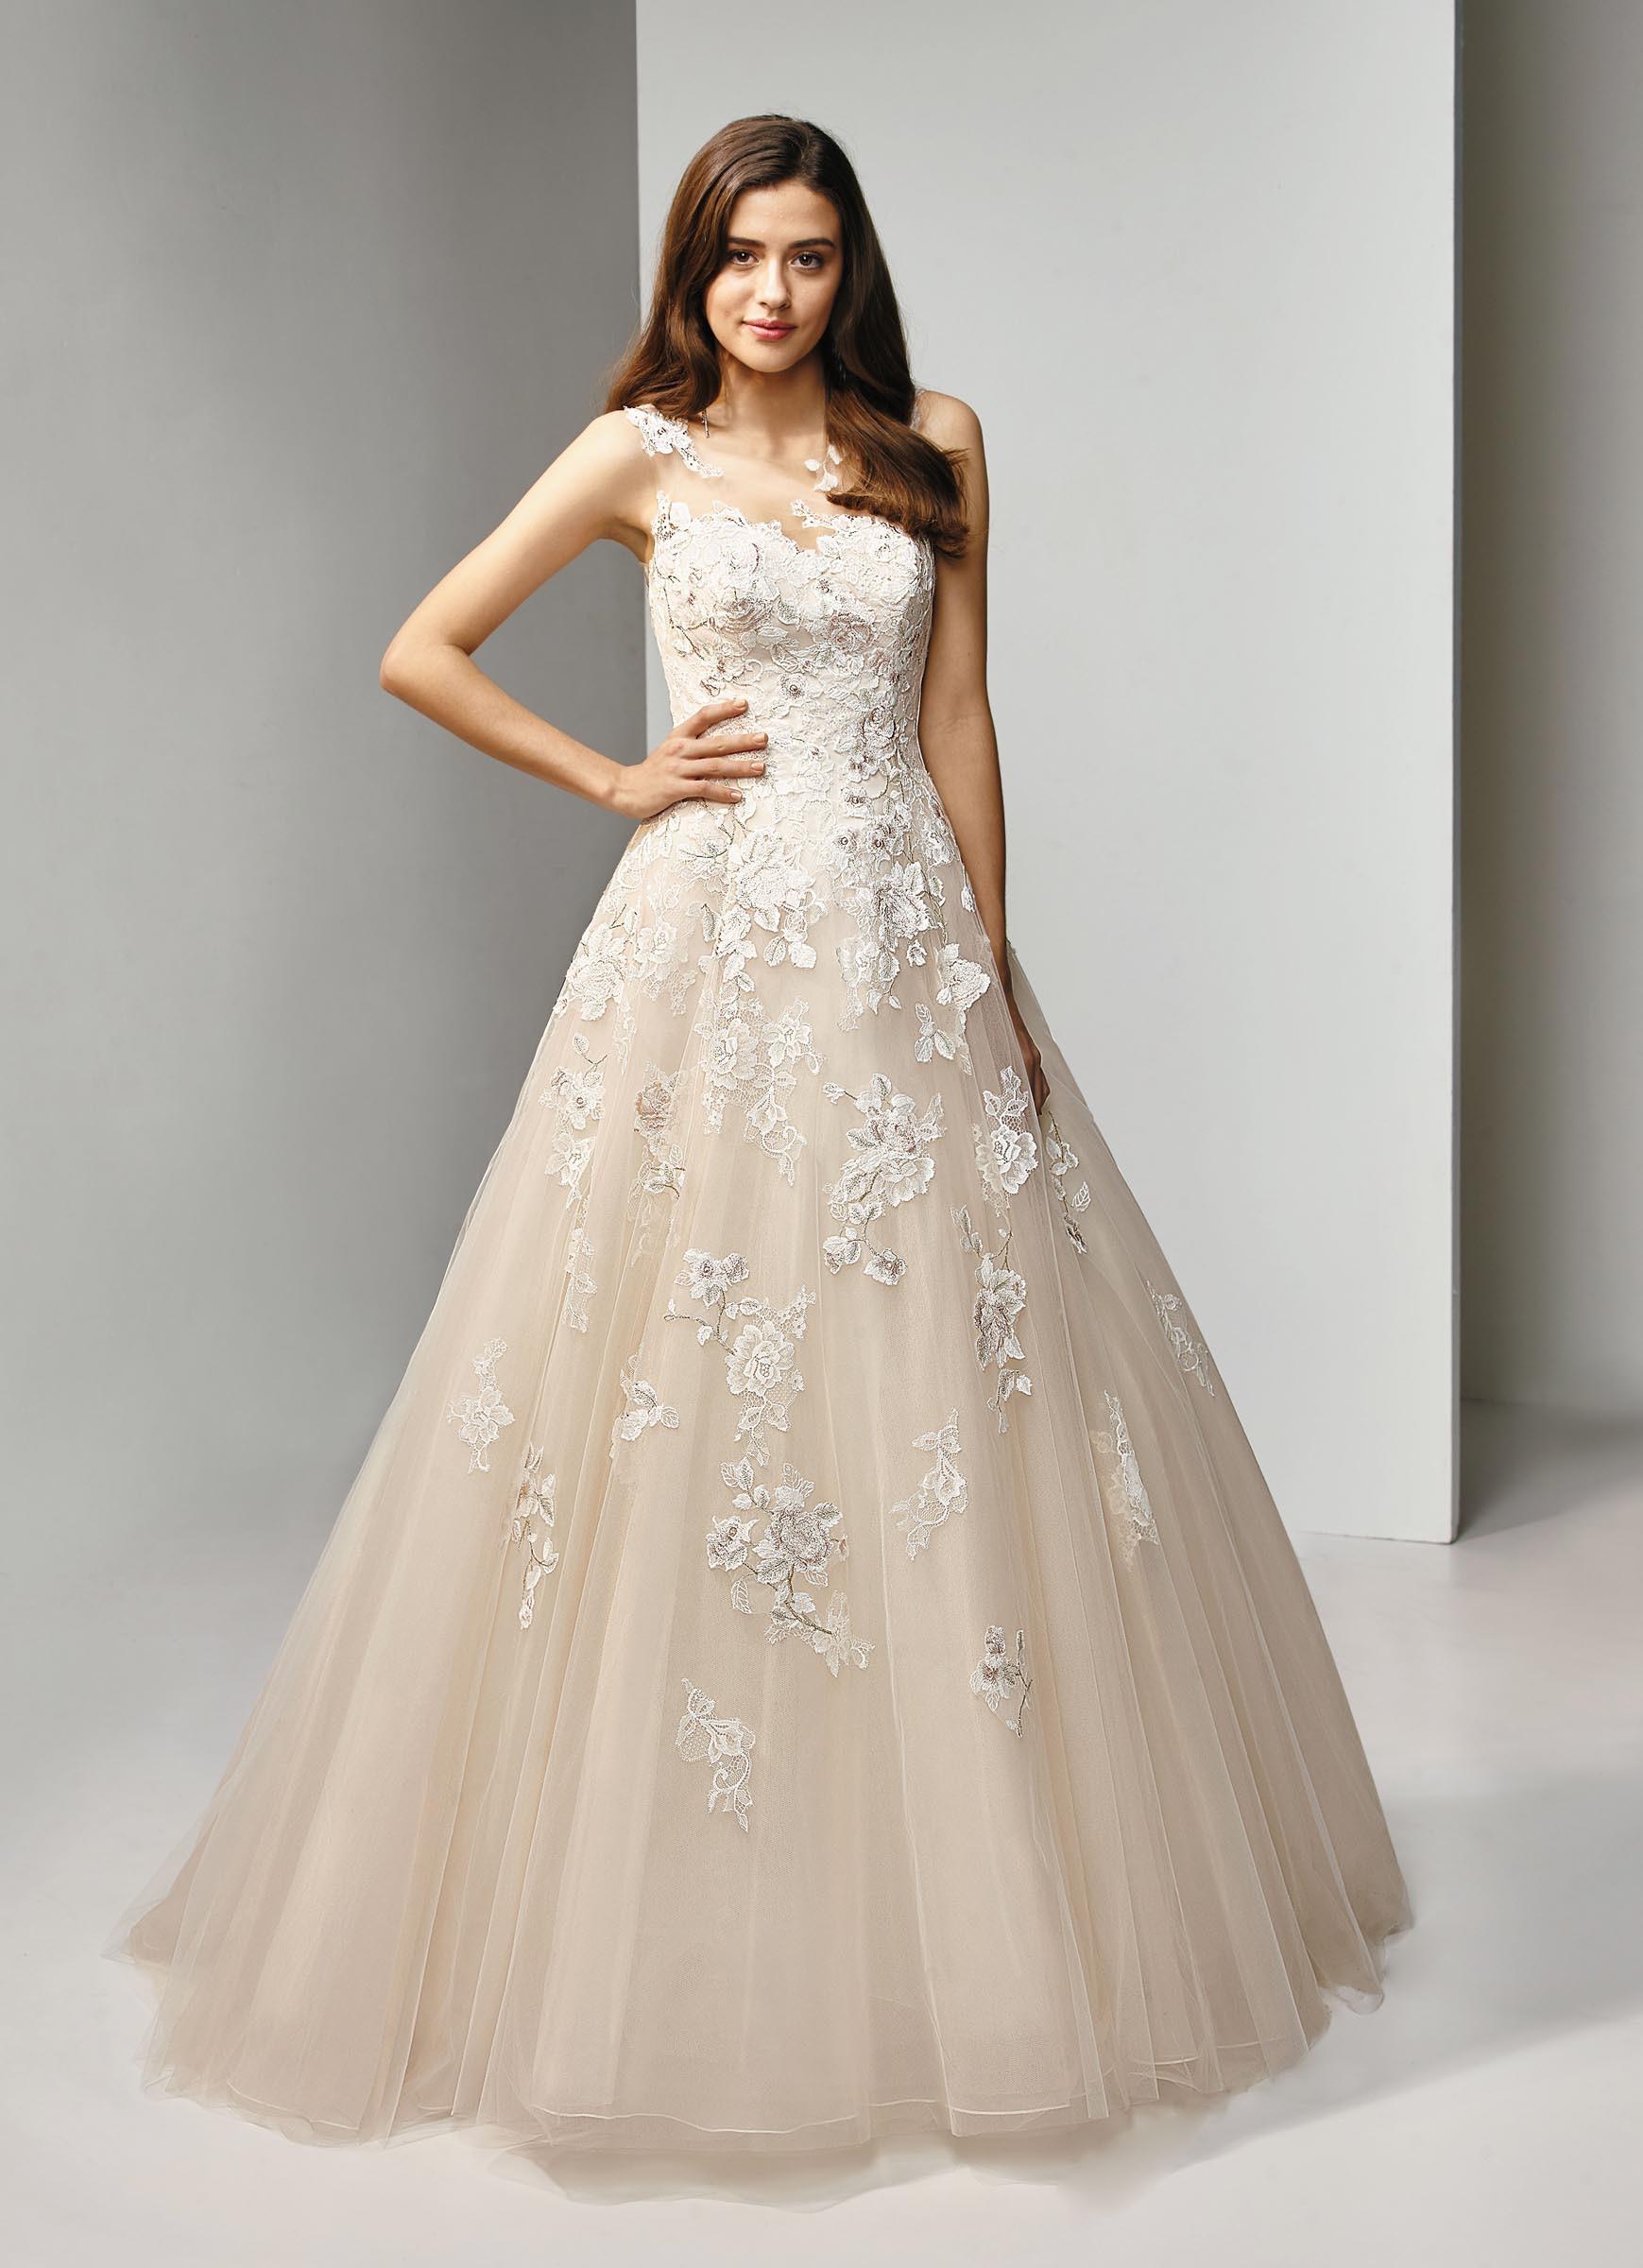 Brautkleid mit Spitze, Tattoo-Effekt, im Prinzessschnitt und in